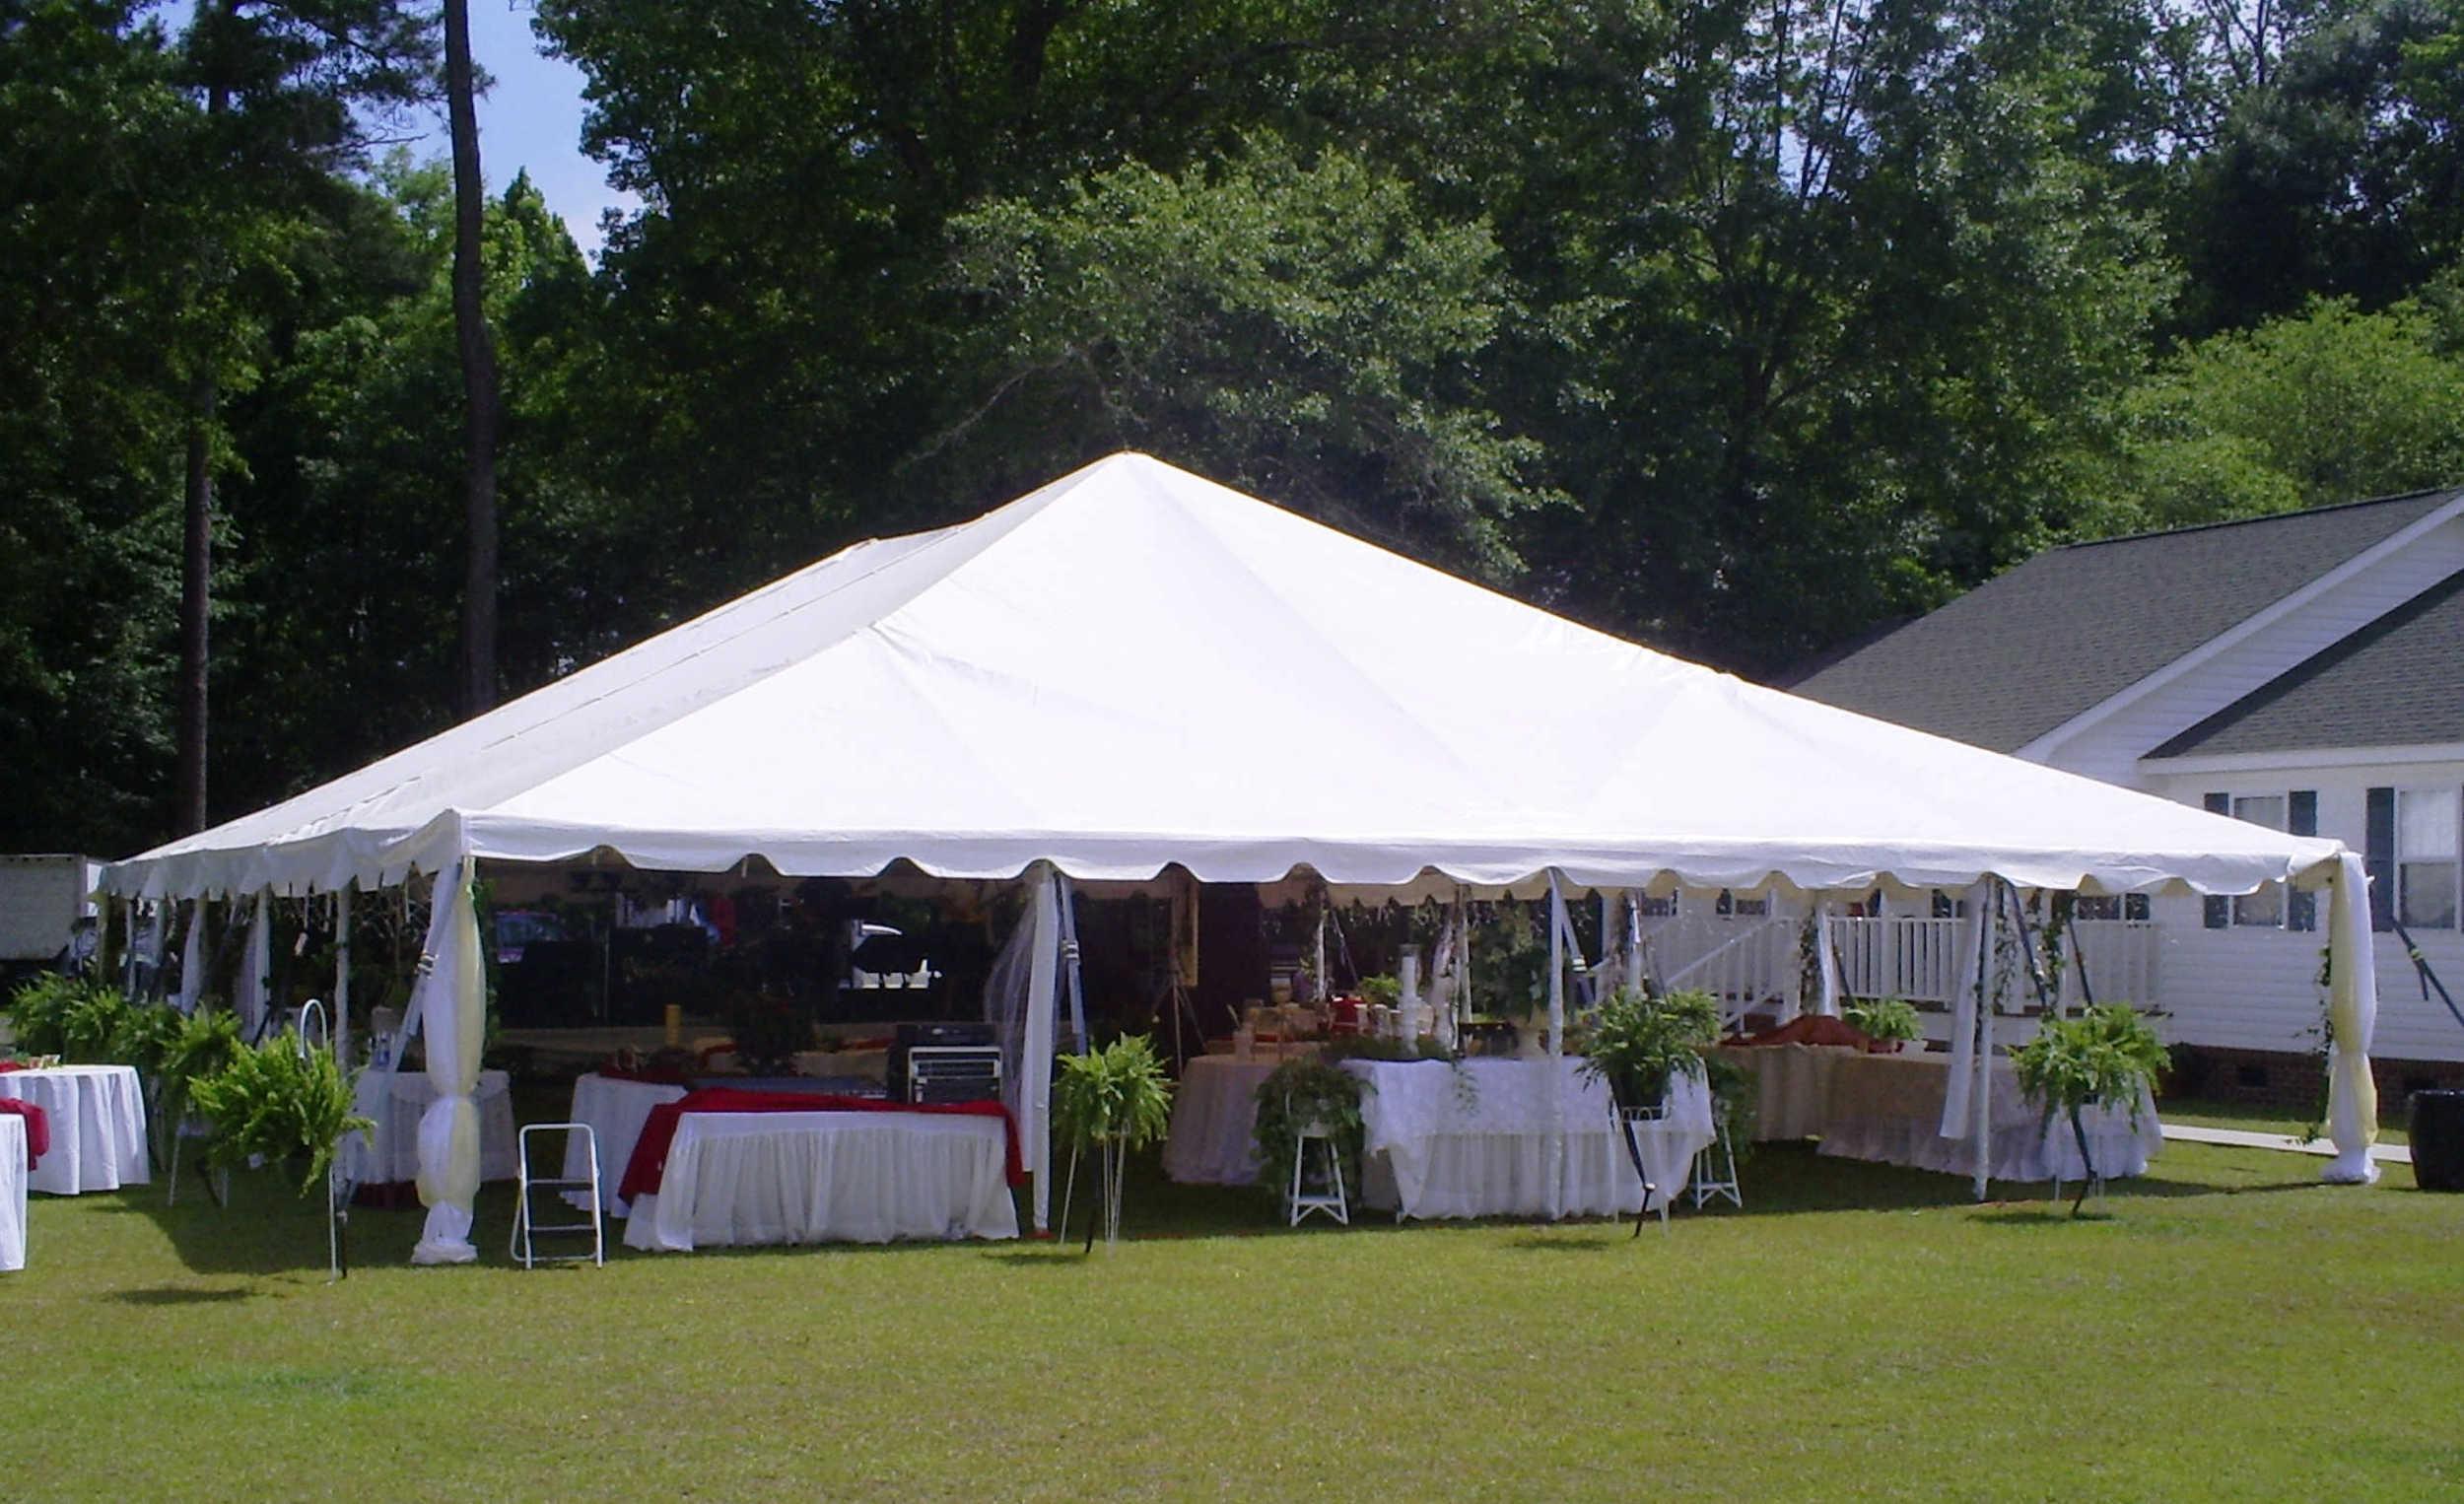 40 X 60 White Frame Tent.jpg